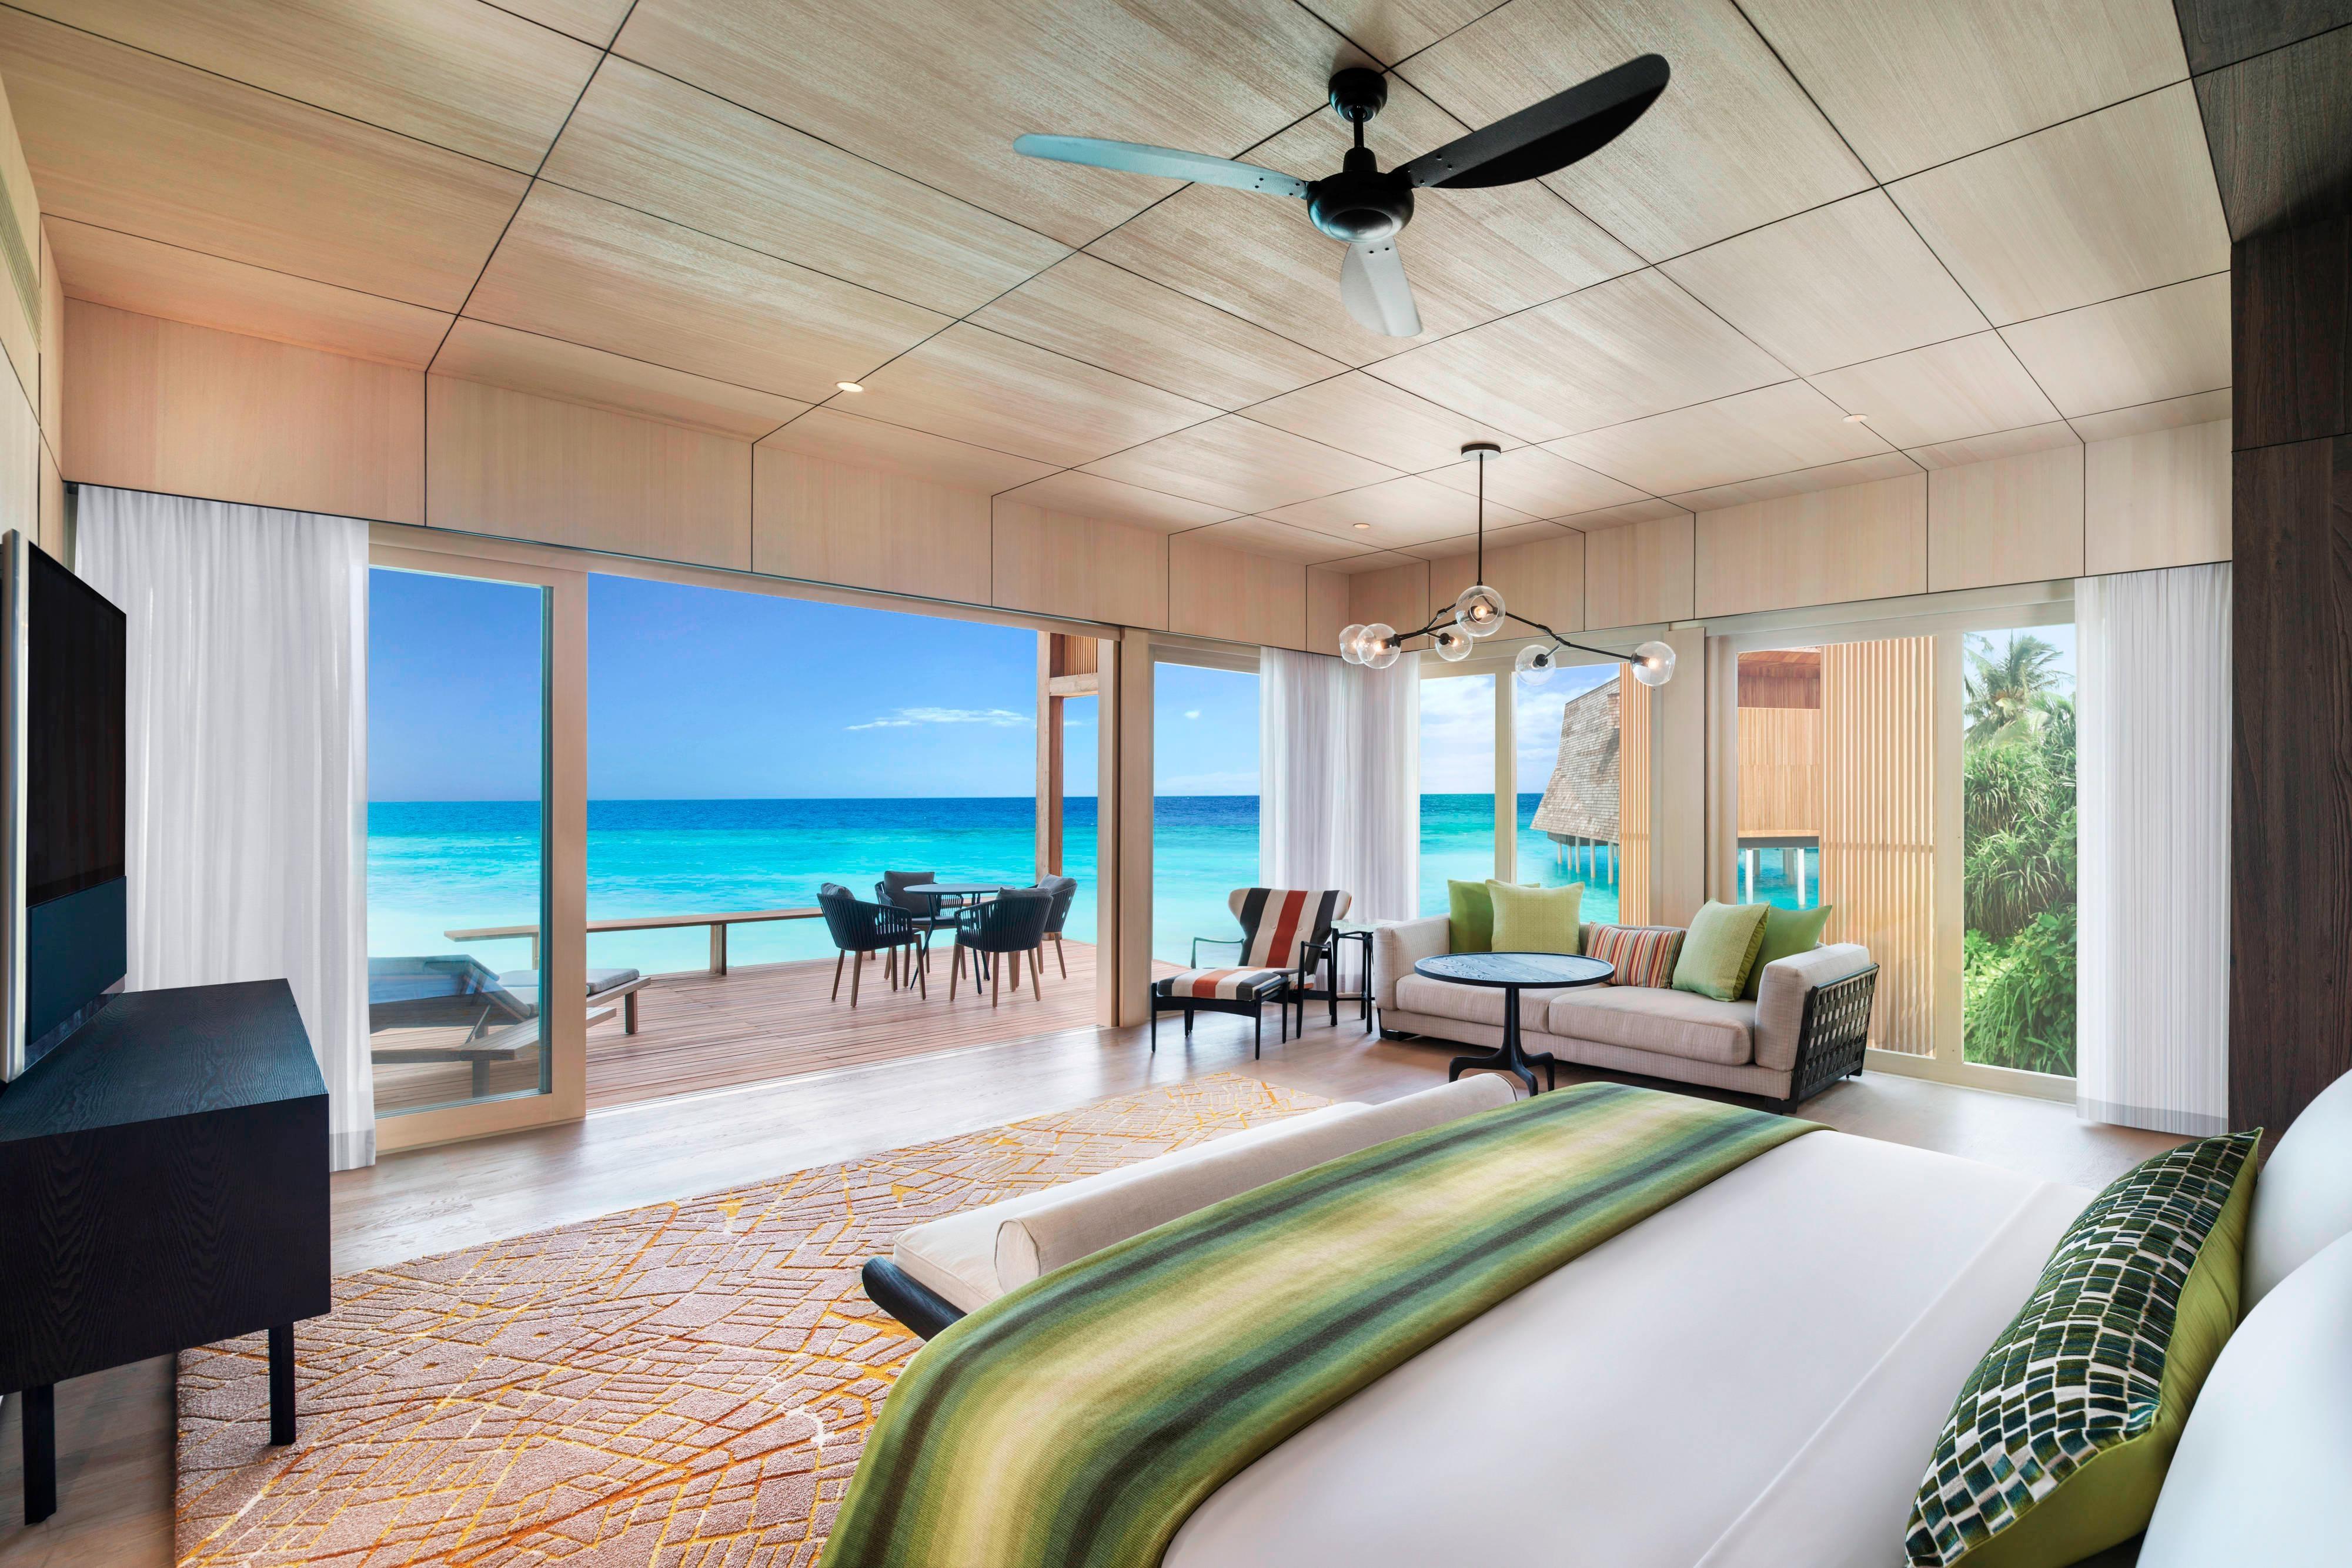 Villa - Master Bedroom